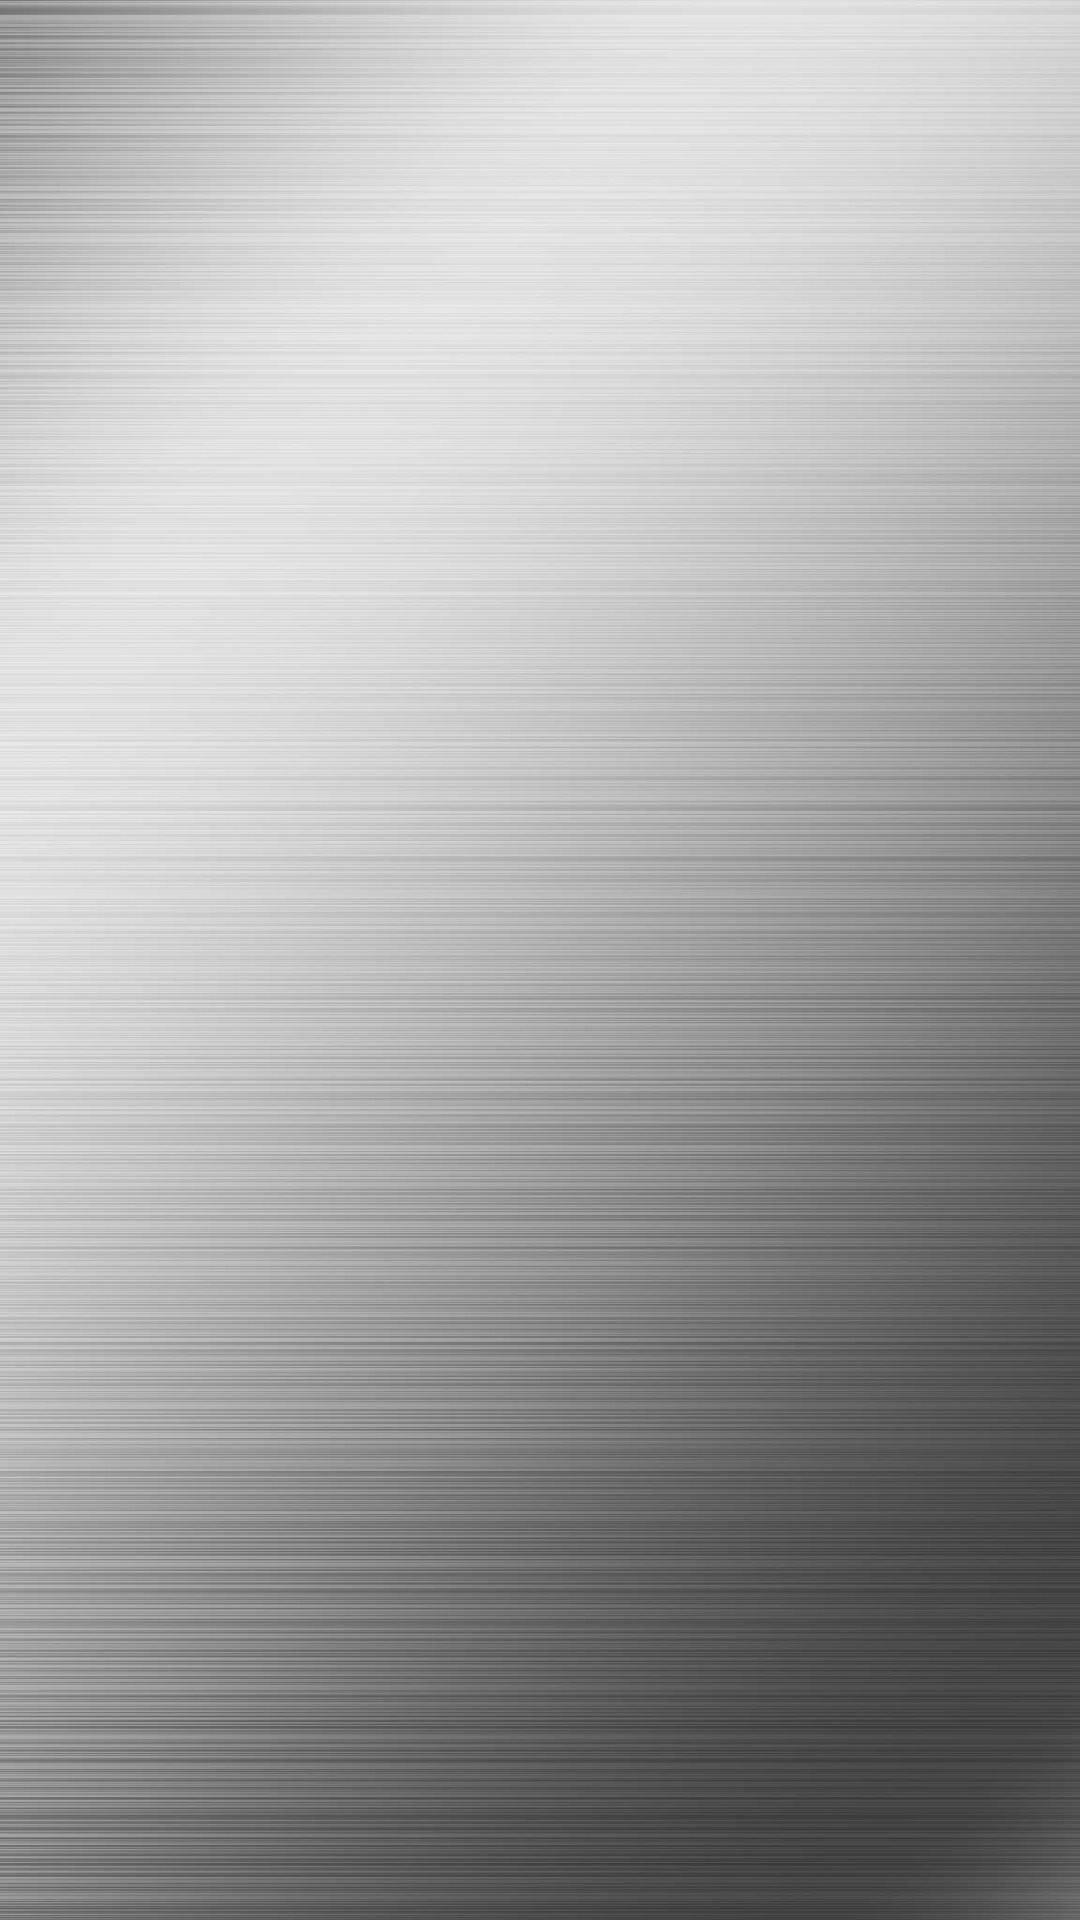 Android 1080x1920 Wallpaper 00237 Jpg 1080 1920 Metal Texture Steel Textures Metallic Wallpaper